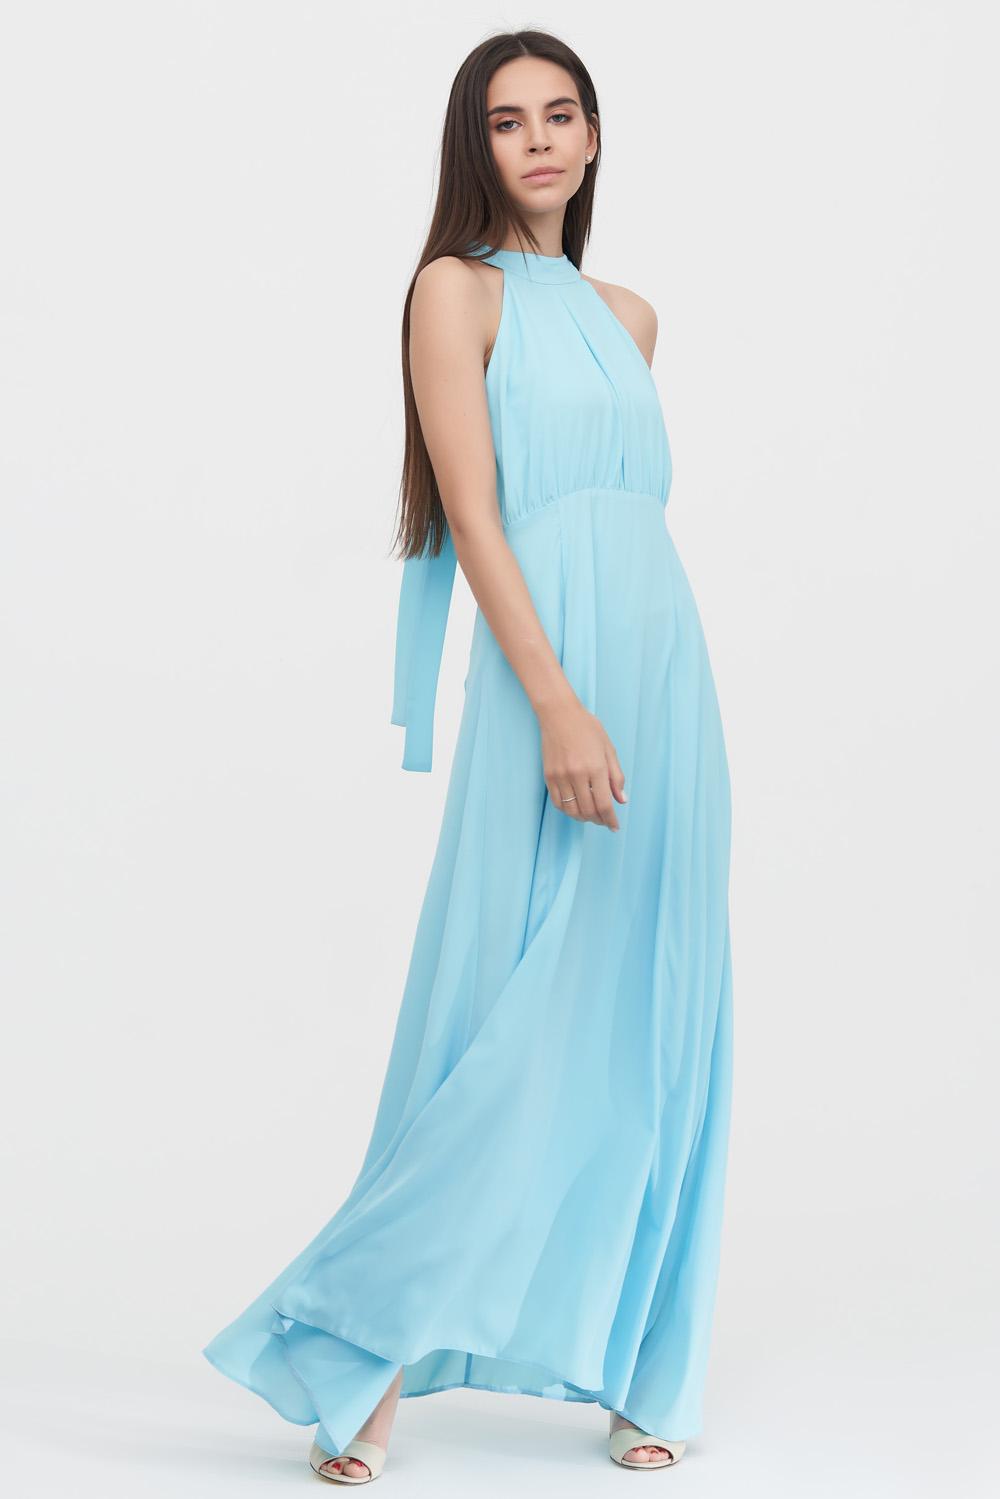 купить ткань бирюзового цвета для платья